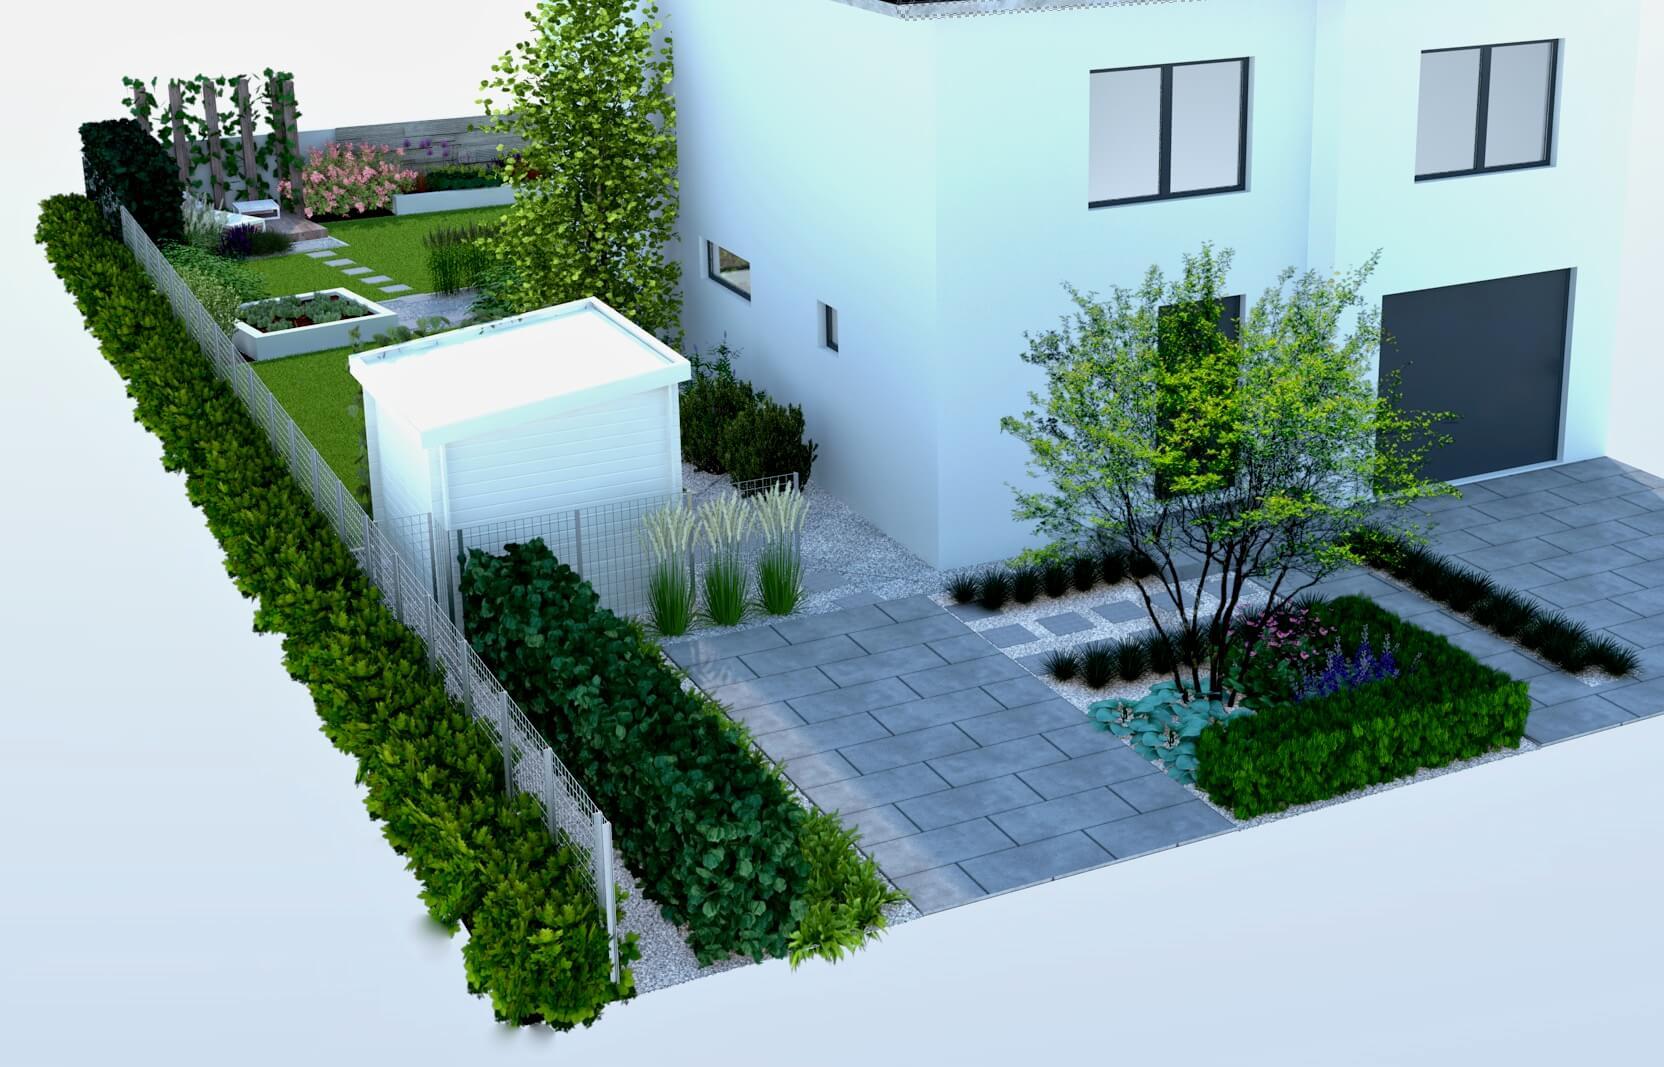 Wizualizacja ogrodu, podjazd, ogród frontowy,